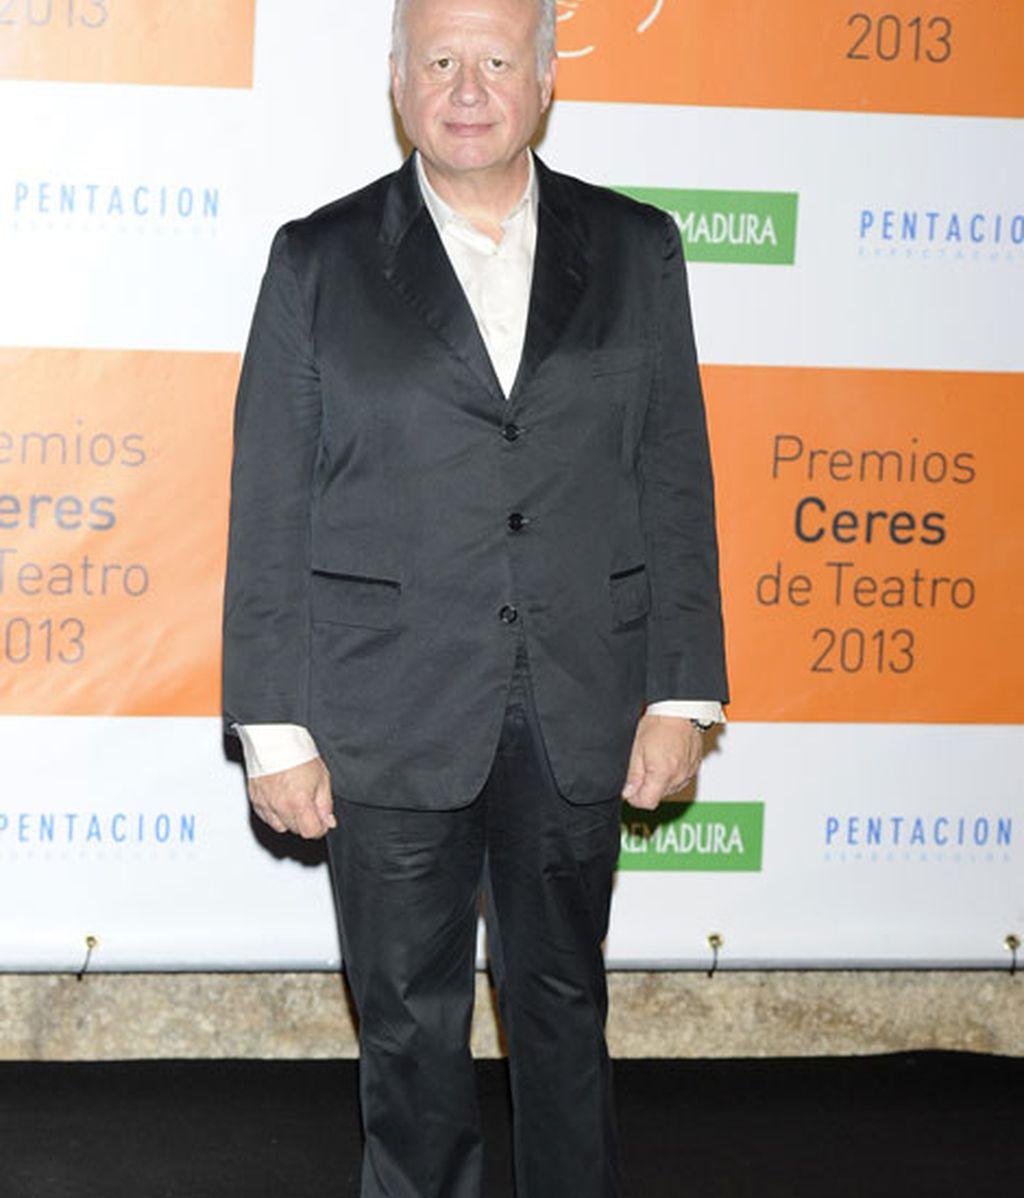 El actor Juan Echanove, con un elegante traje negro